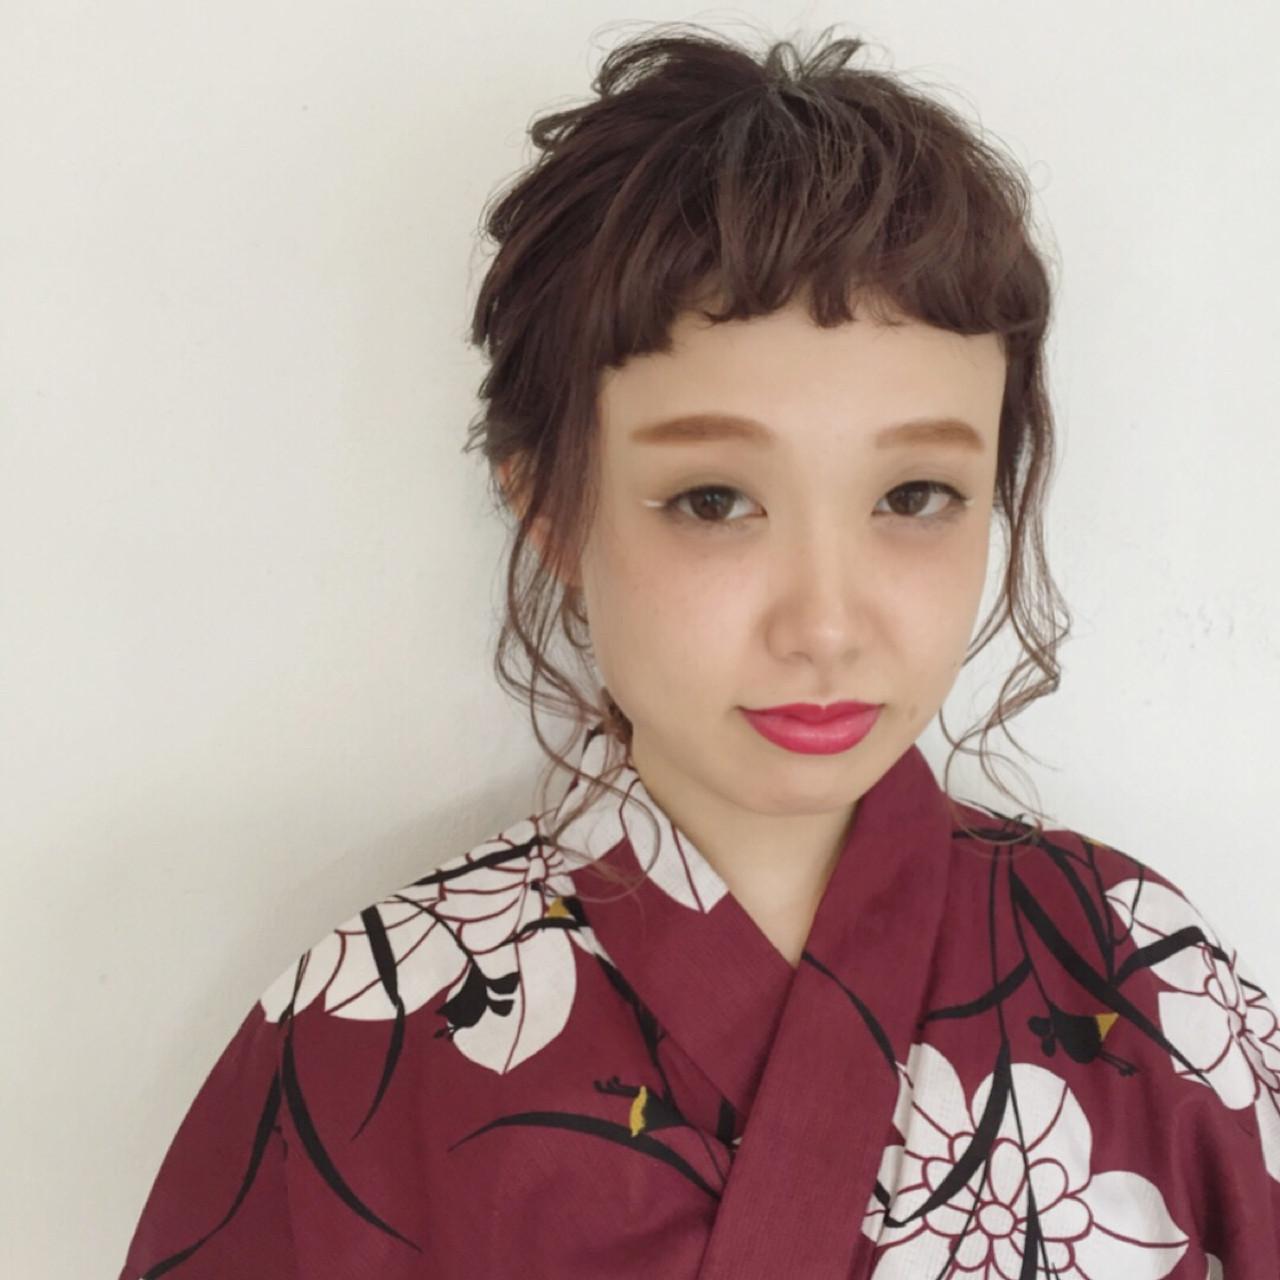 色気 花火大会 涼しげ ヘアアレンジ ヘアスタイルや髪型の写真・画像 | maco / ange